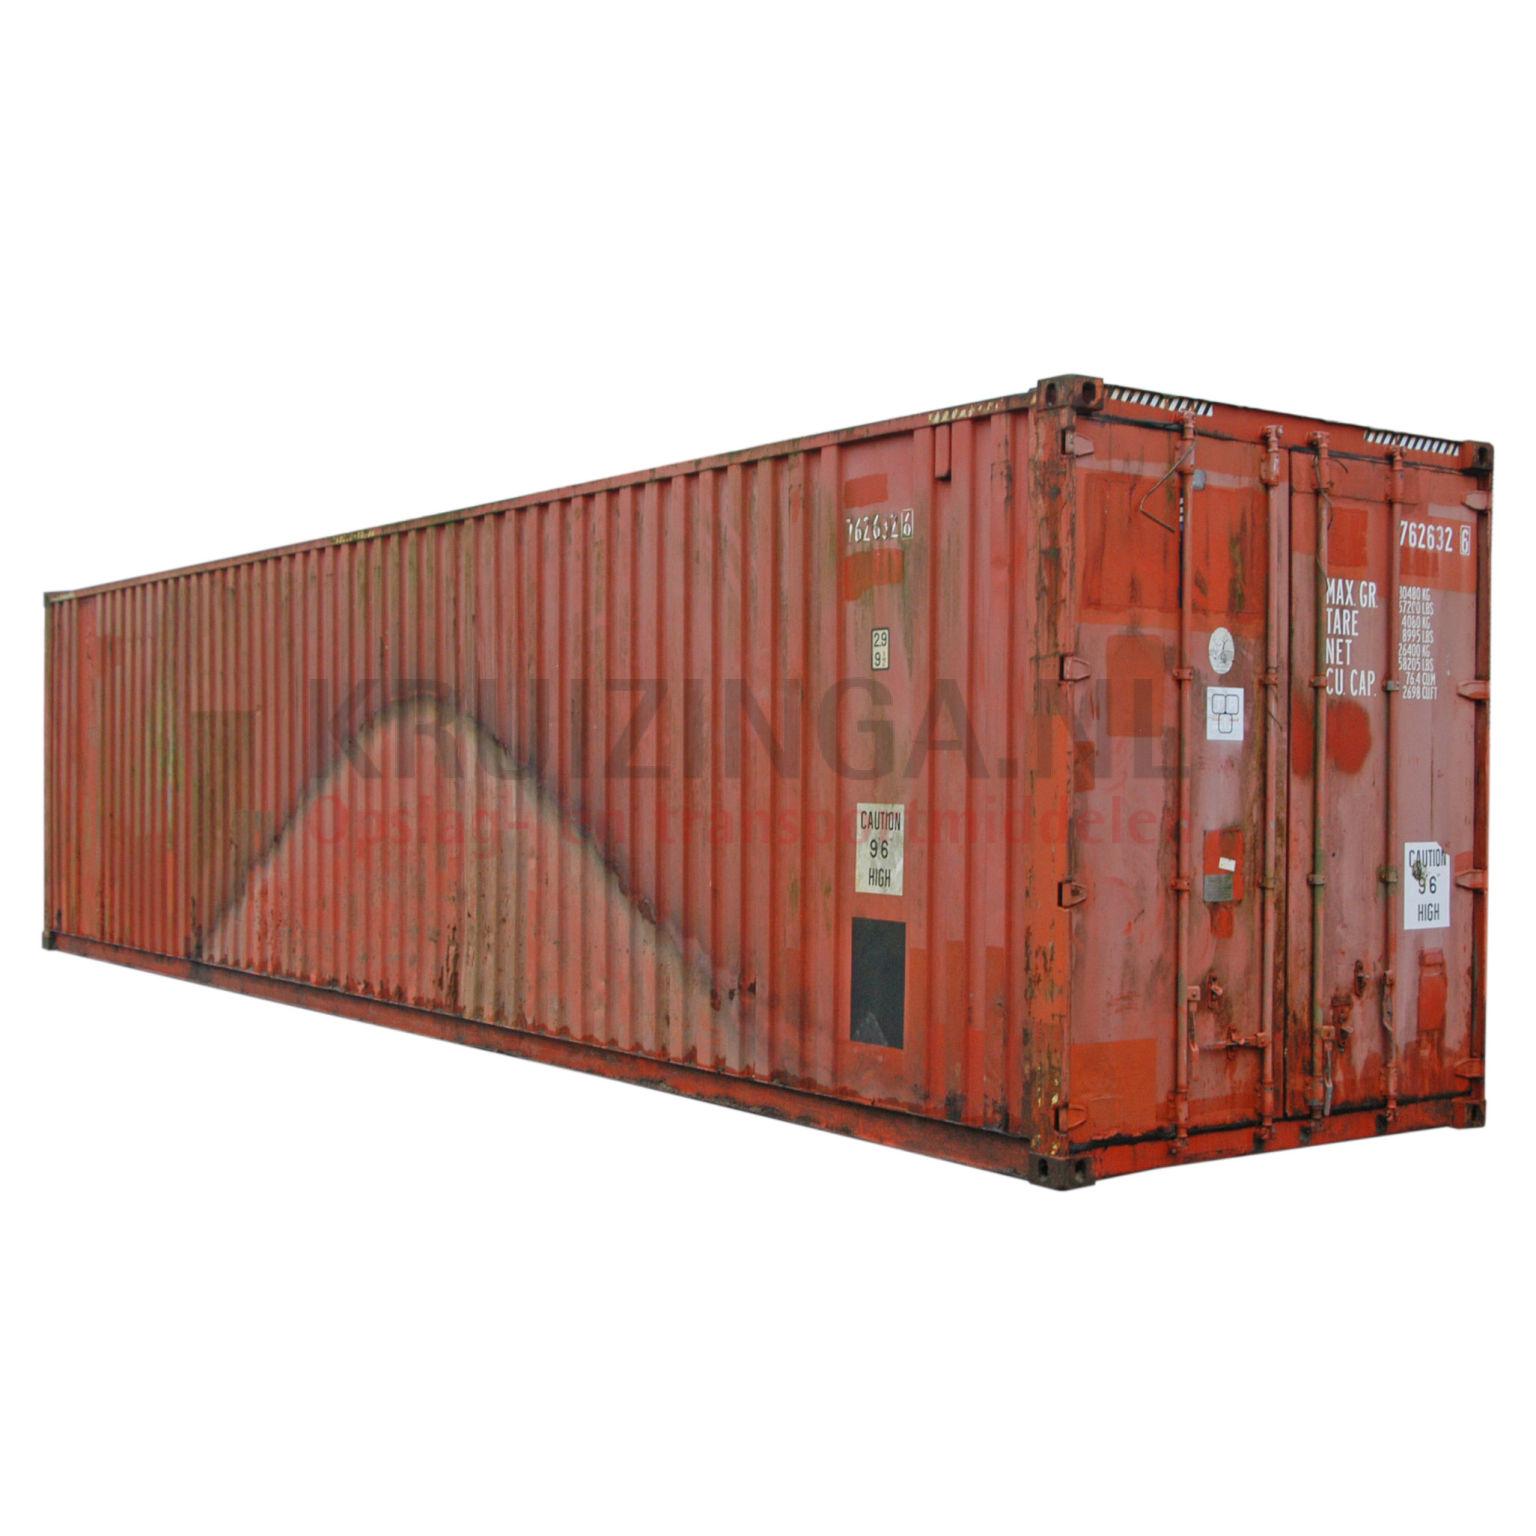 Container High Cube 40 Fuß Gebraucht € 1950,-